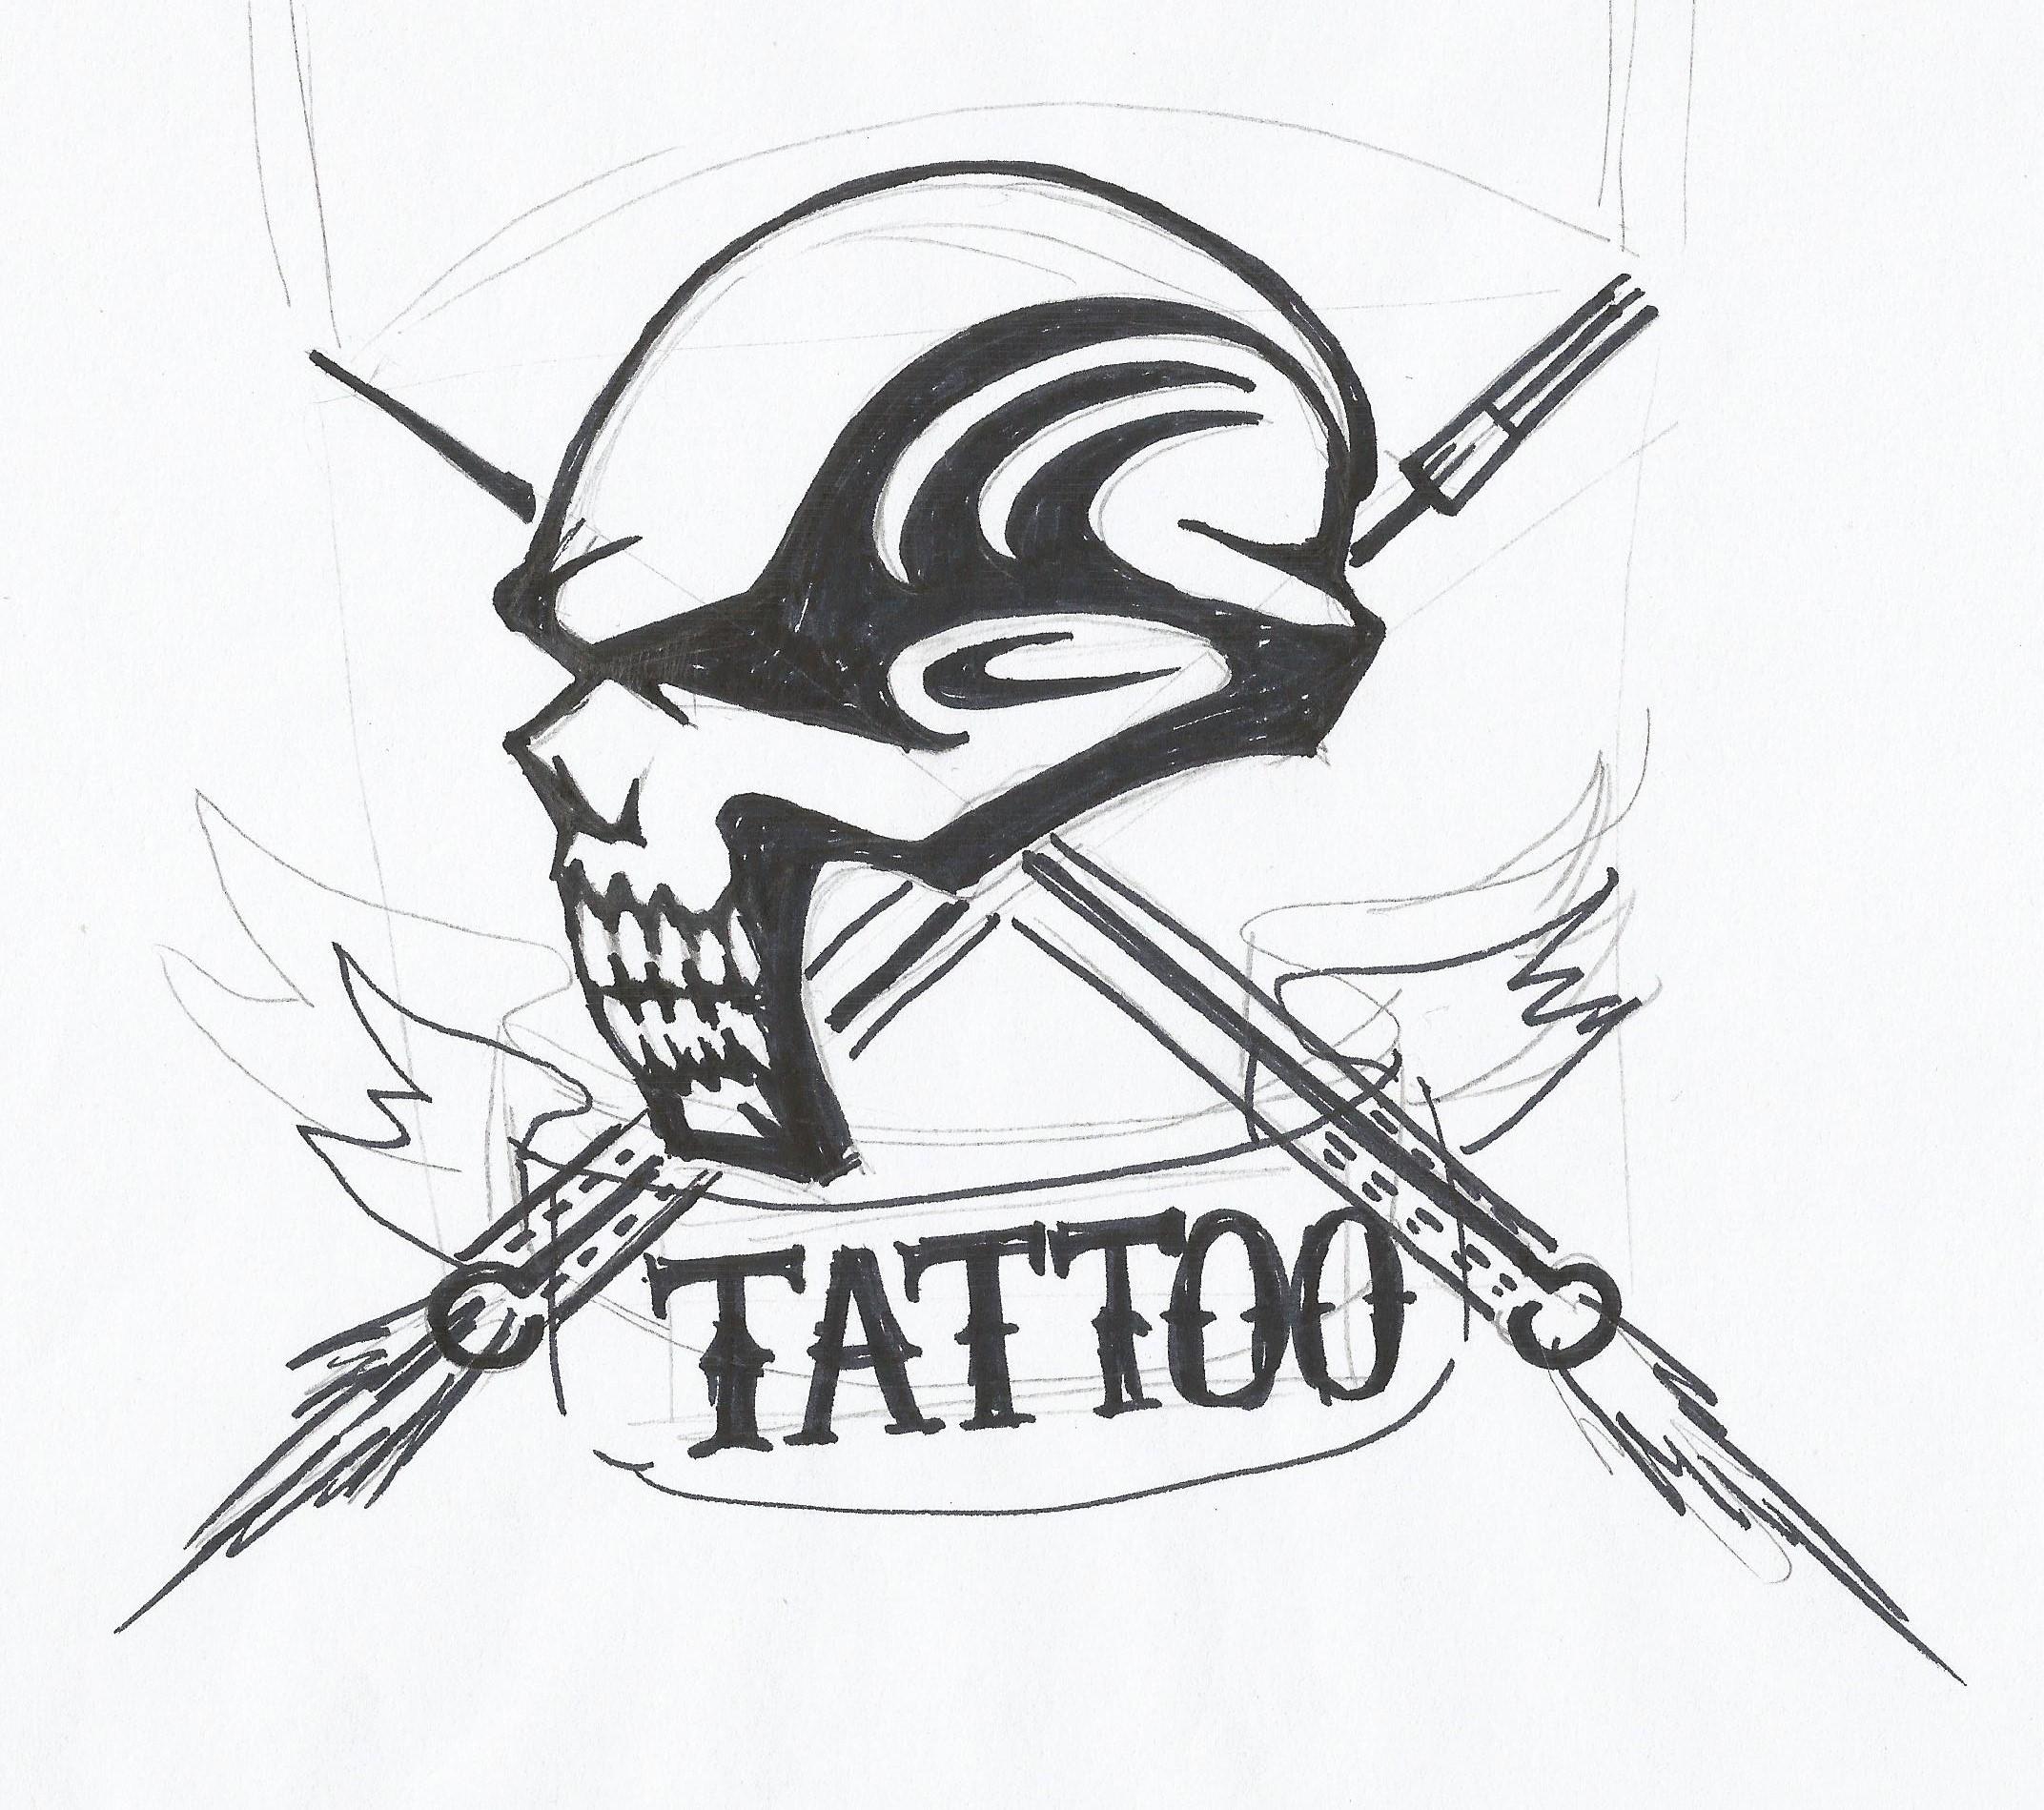 纹身手绘图片大全